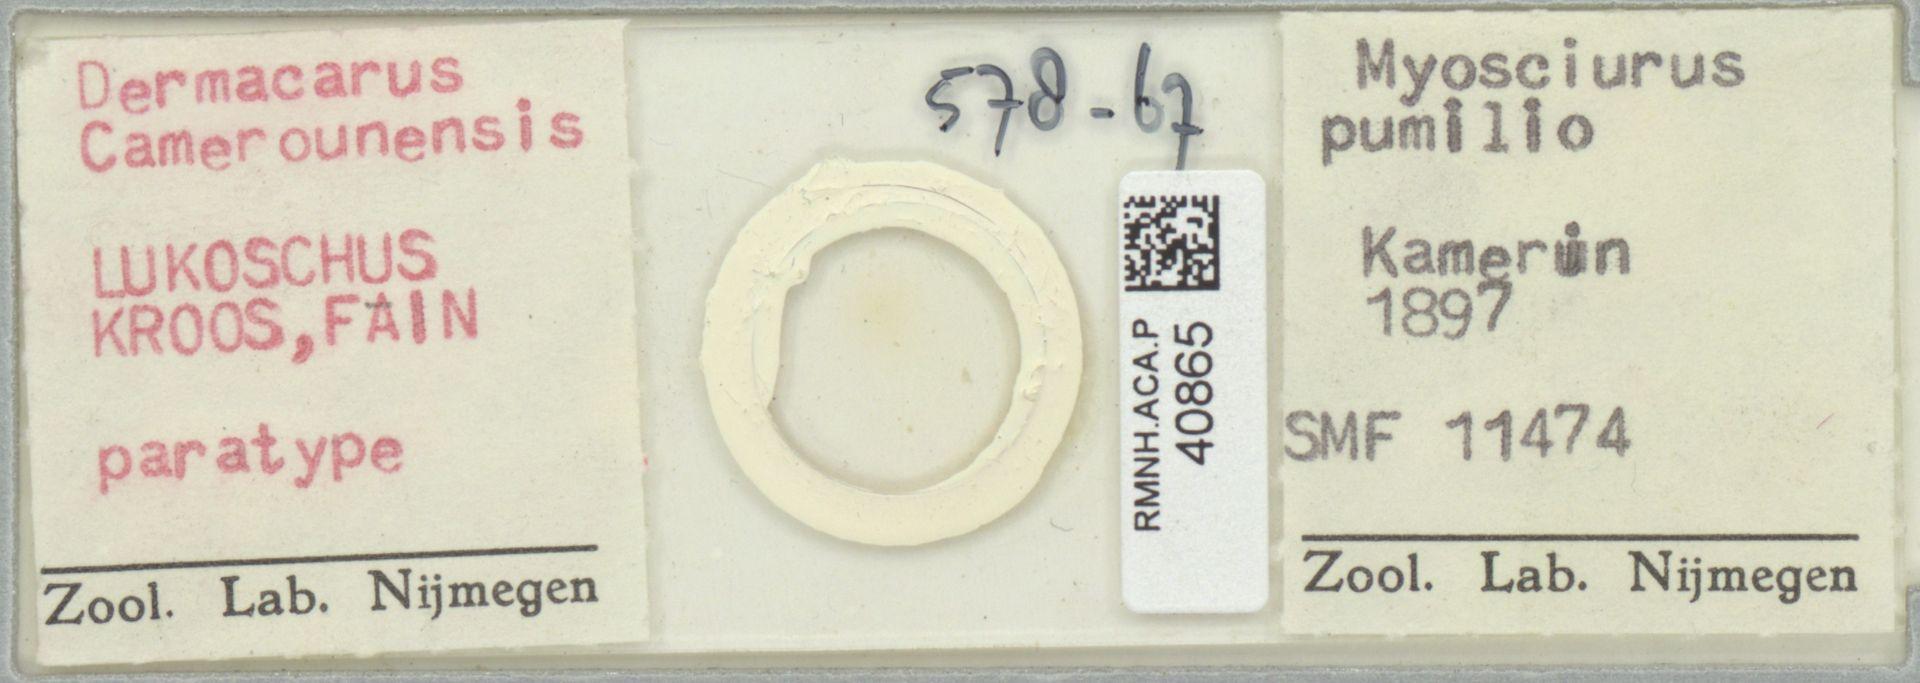 RMNH.ACA.P.40865   Dermacarus Lukoschus Kroos, Fain